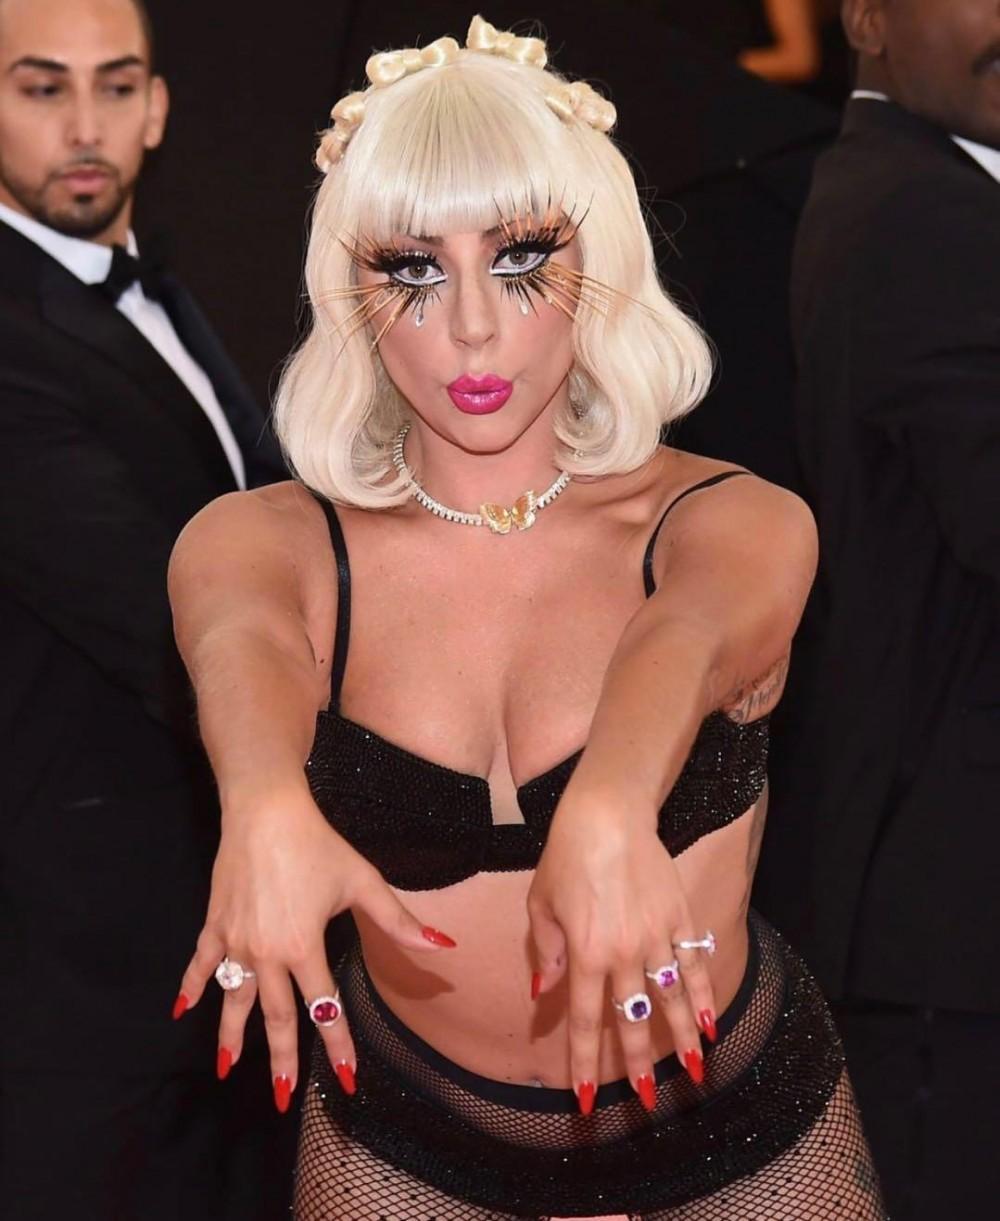 敢曝敢我真時尚!「衣不驚人死不休」的Lady Gaga如何震撼Met Gala紅地氈?